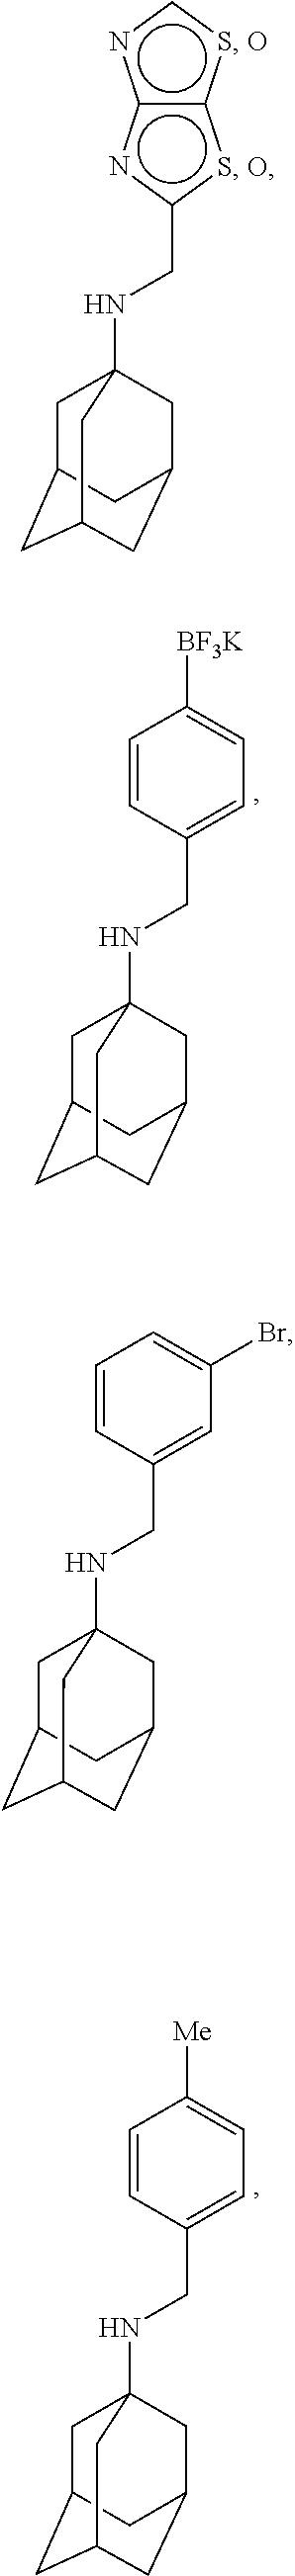 Figure US09884832-20180206-C00176